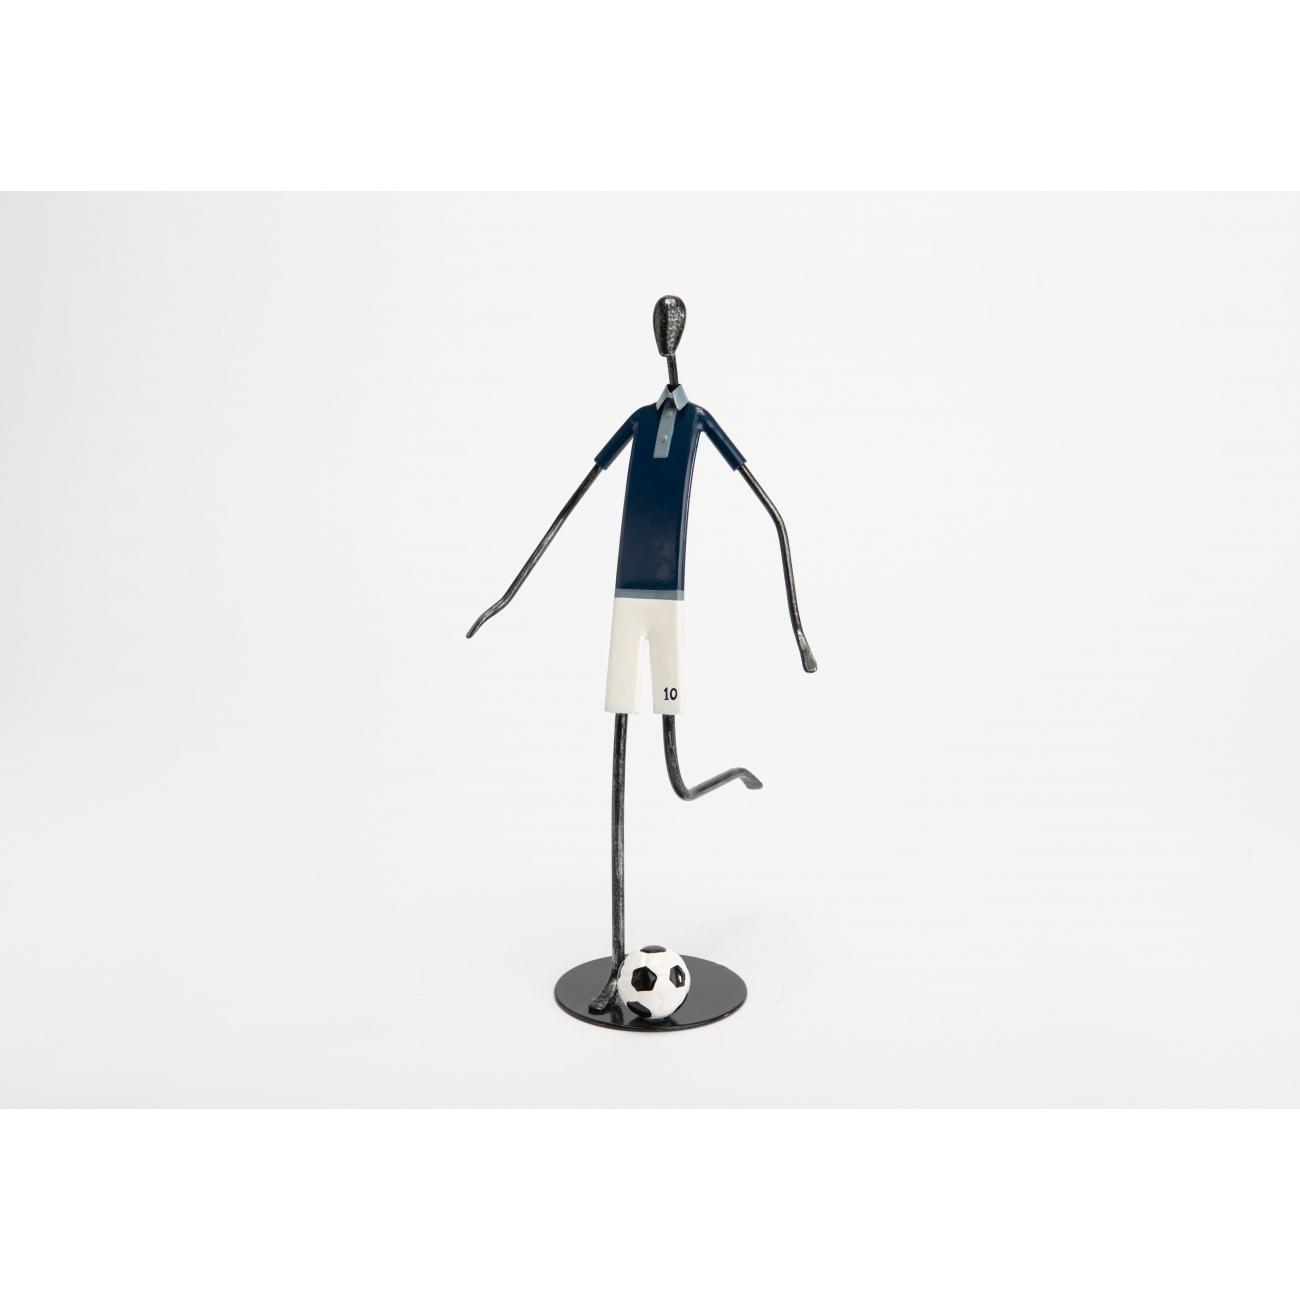 Статуэтка футболиста AMADEUS металлическая высота 34 см Франция